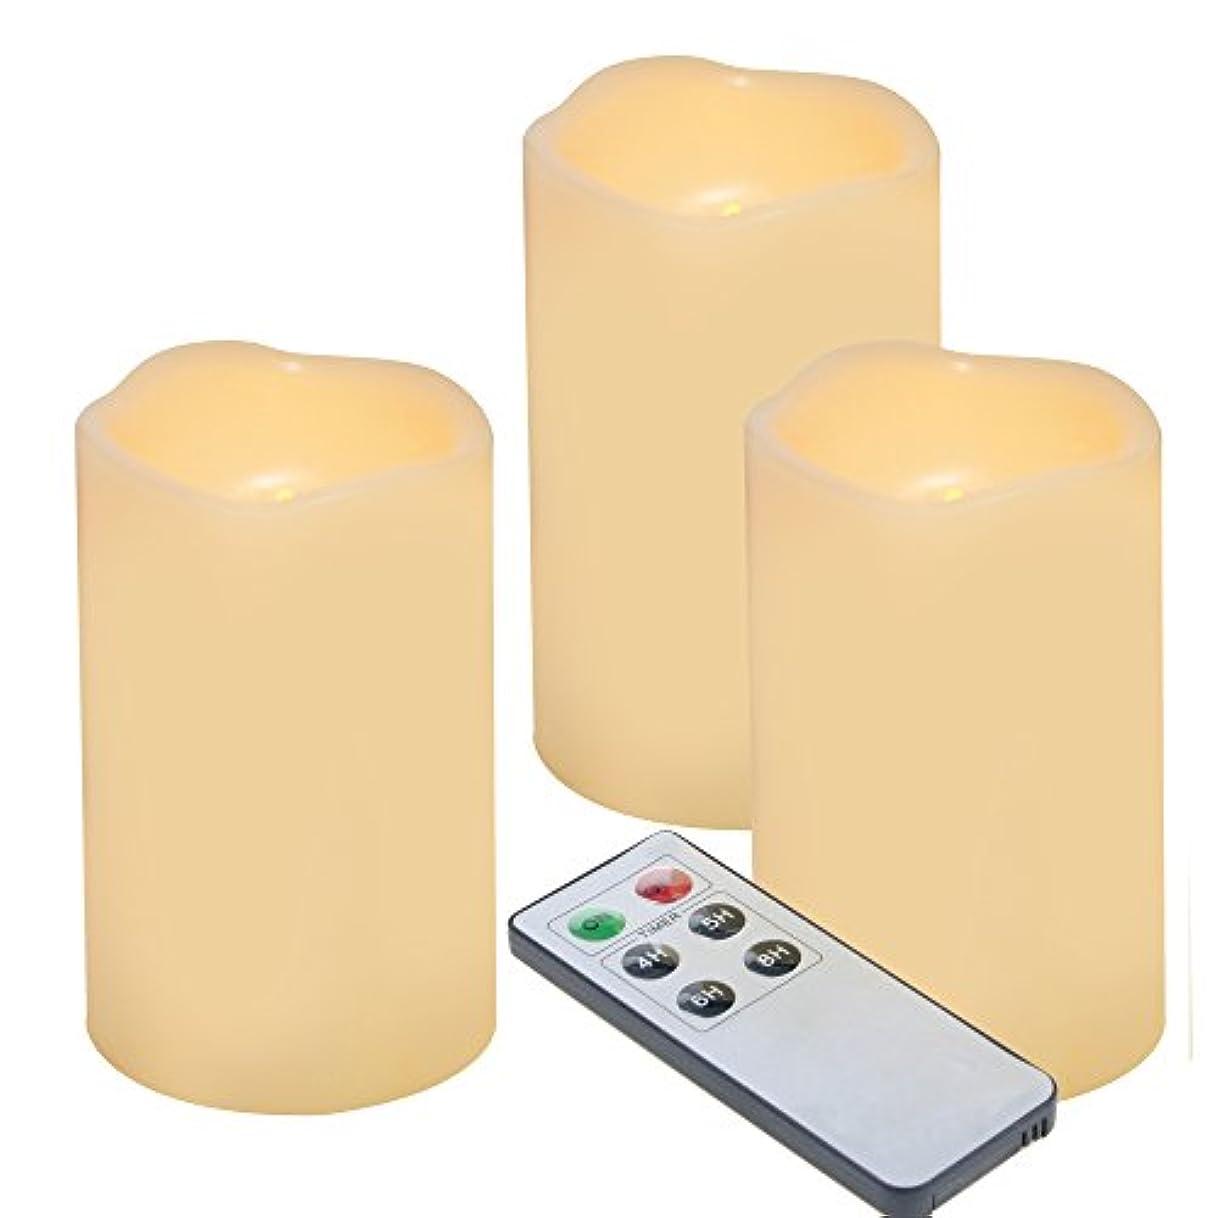 蒸発枯れるマカダムOutdoor Indoor Flameless LED Battery Operated Candles with Remote and Timer by iZAN Long Lasting Waterproof Realistic Flickering Electric Pillar Candles 3-Pack Size-3